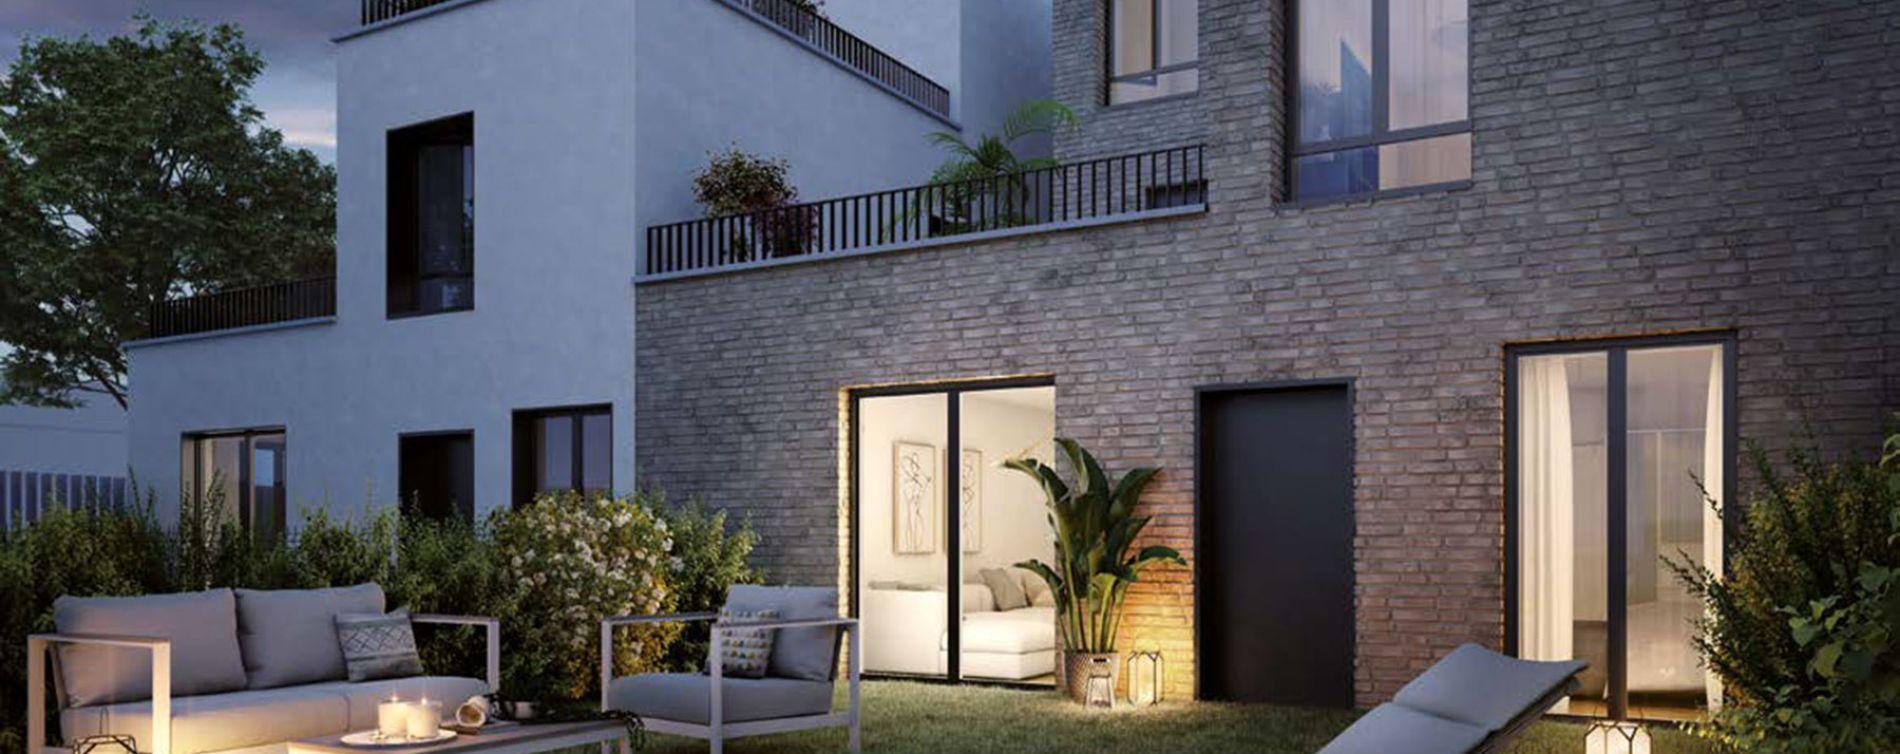 Montigny-lès-Cormeilles : programme immobilier neuve « Programme immobilier n°217980 » en Loi Pinel (5)